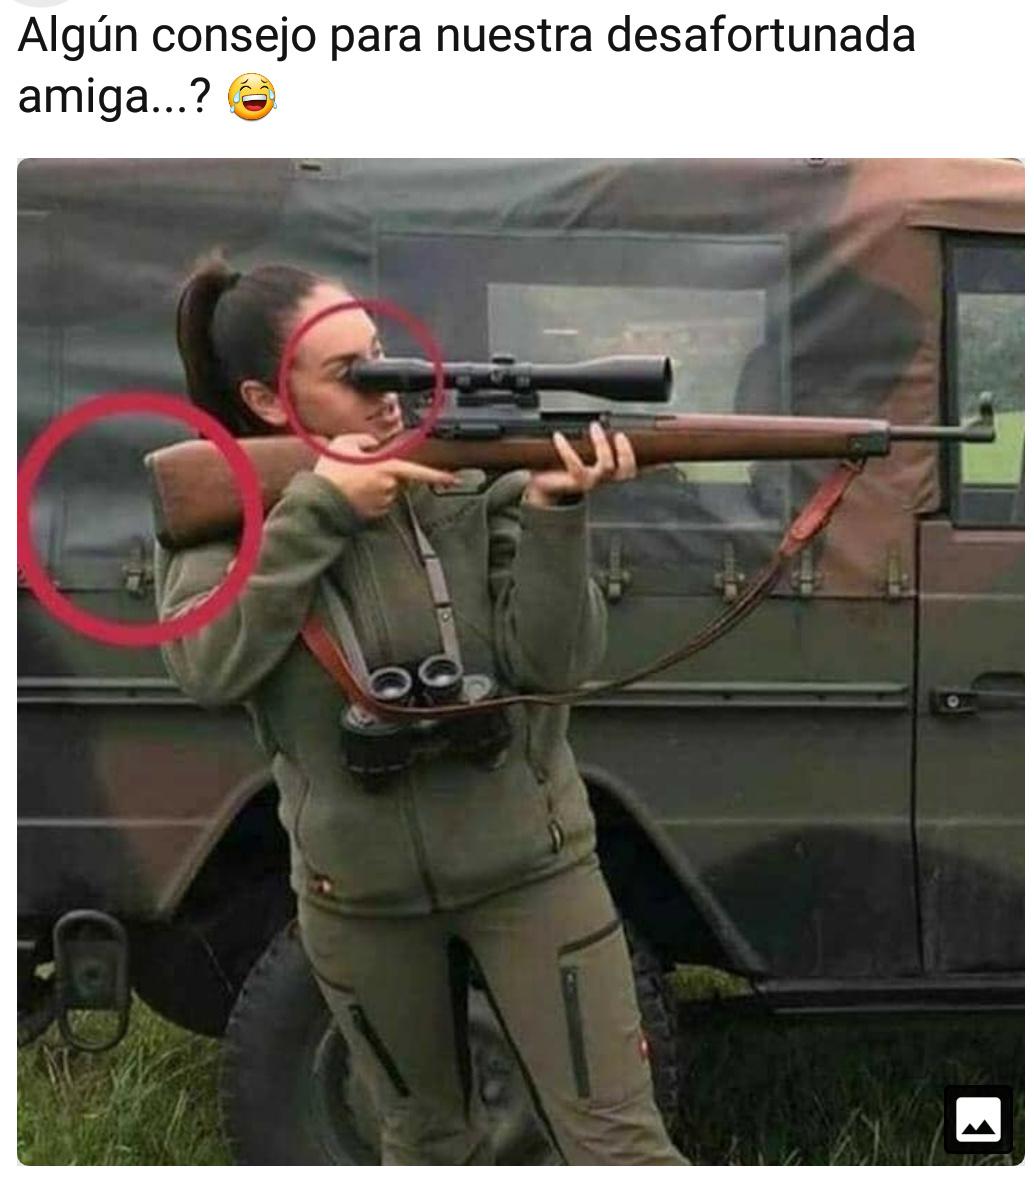 Suscribanse a PewDiePie - meme